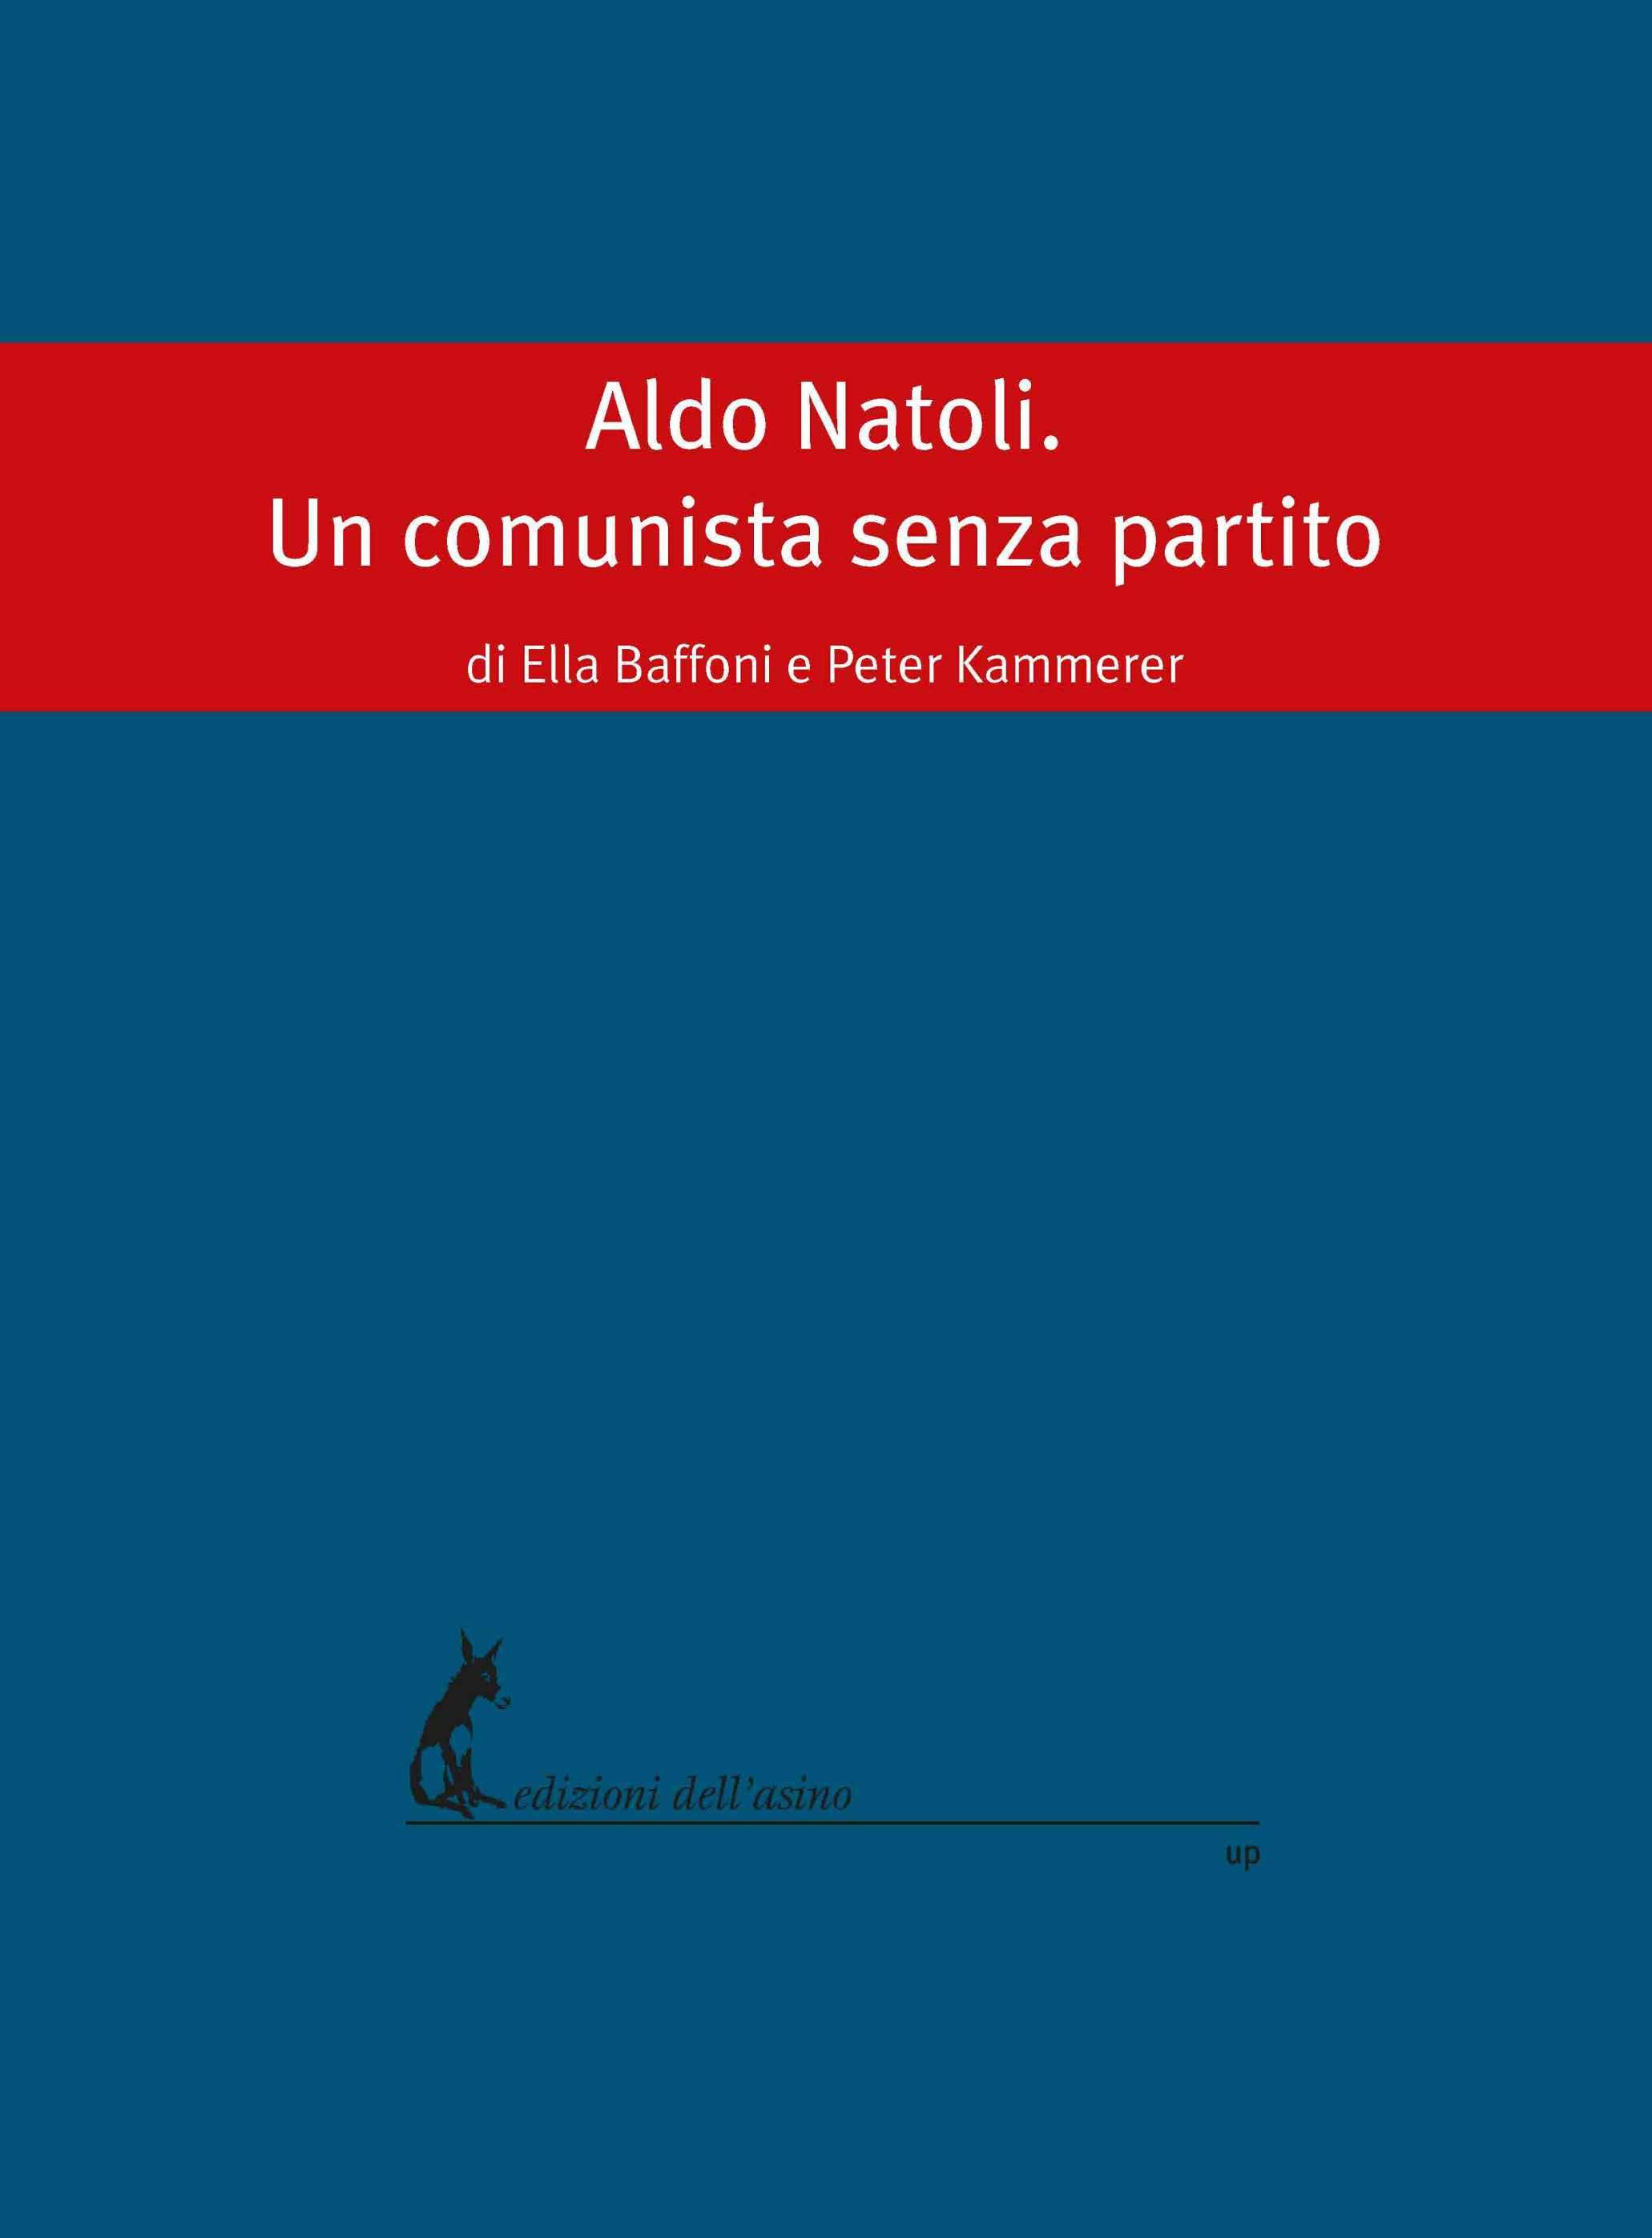 Libro su Aldo Natoli